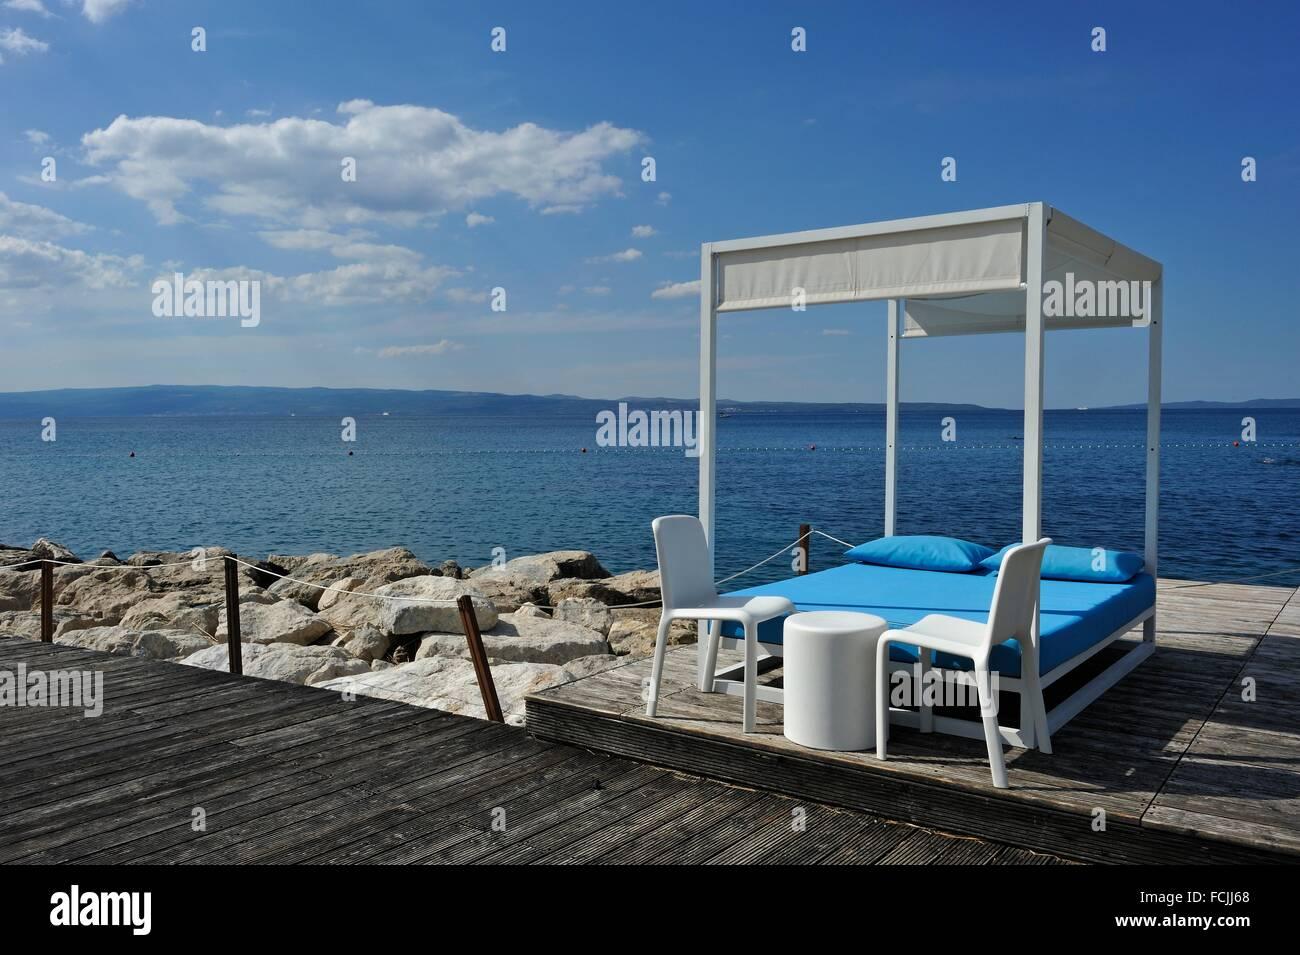 Spiaggia di Radisson Blu Resort, Split, Croazia, Europa sud-orientale. Immagini Stock